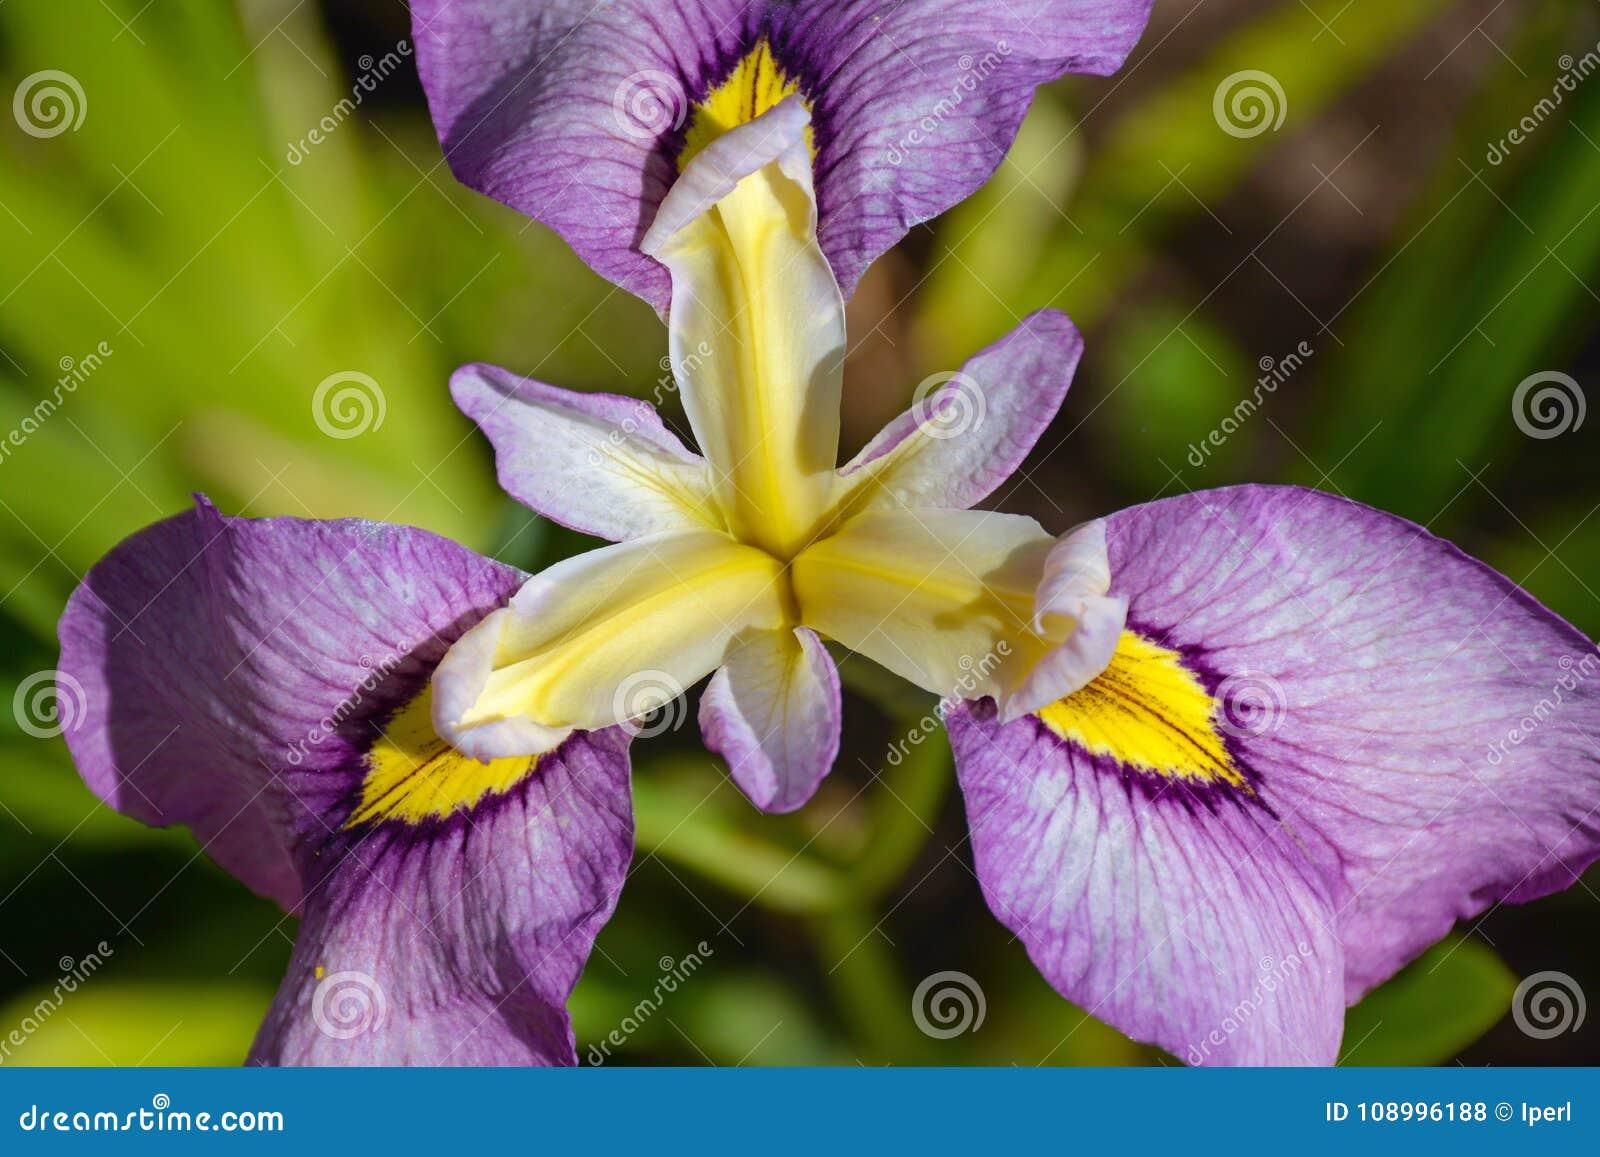 Yellow and purple iris flower stock photo image of iris blooms download yellow and purple iris flower stock photo image of iris blooms 108996188 izmirmasajfo